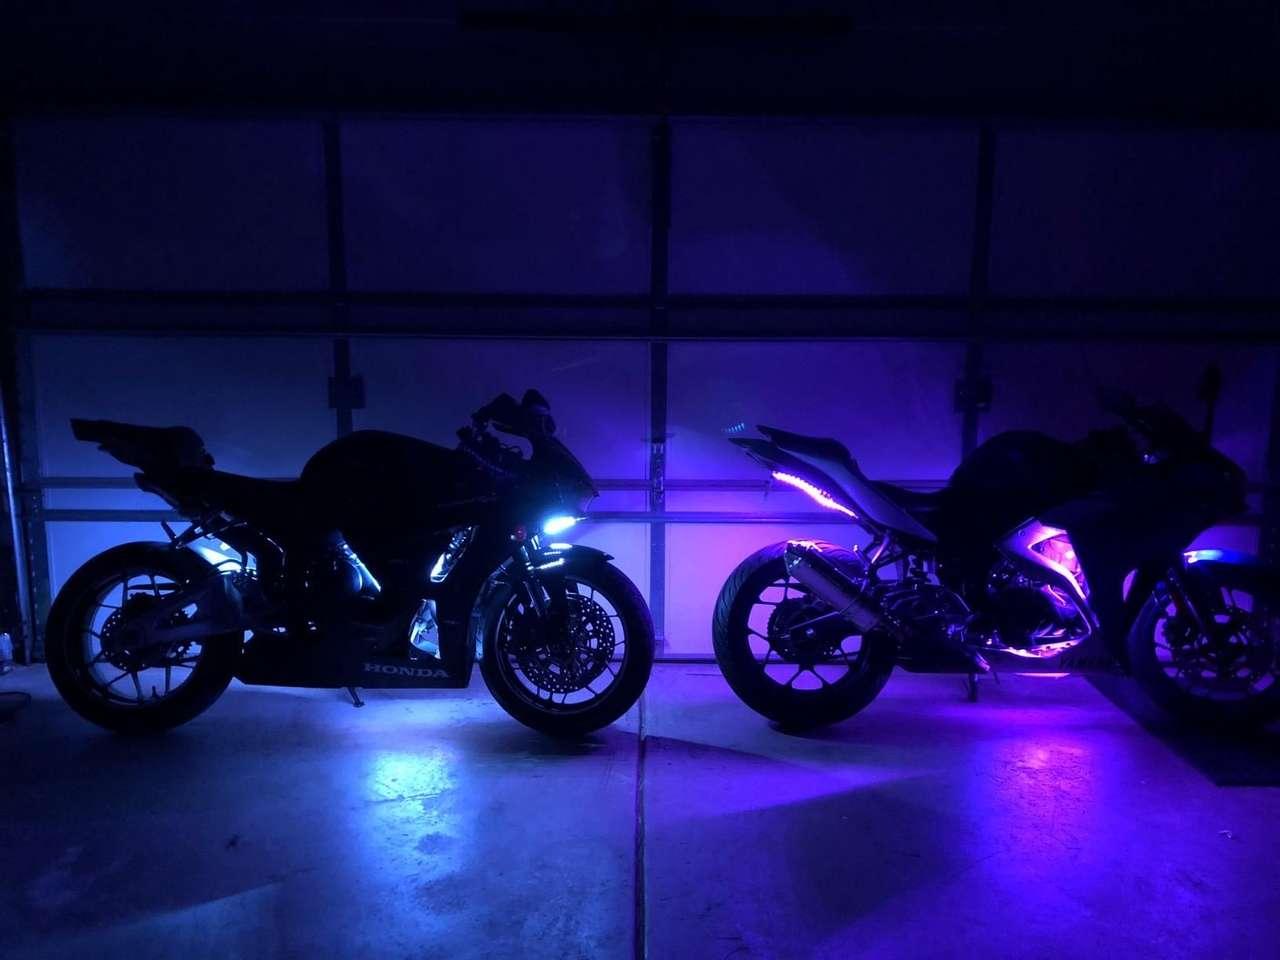 Motocykle z diodą LED. puzzle